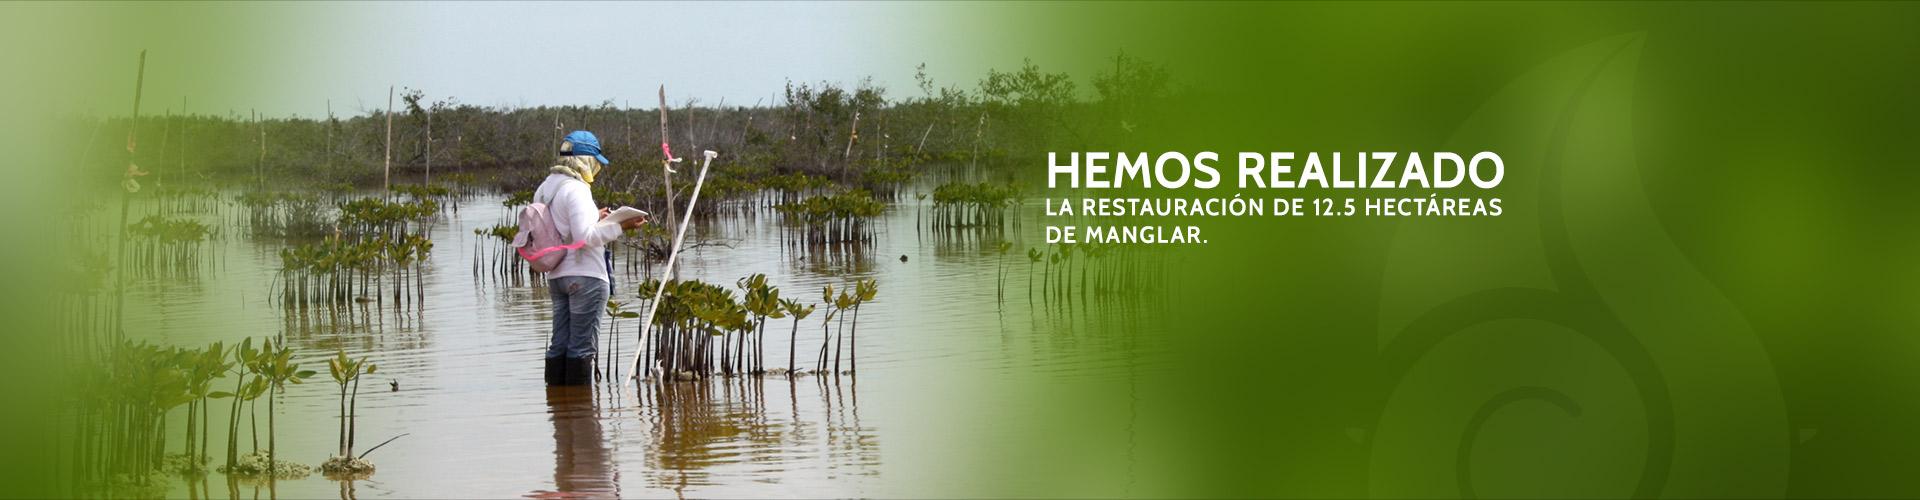 Hemos realizado las restauración de 12.5 Hectáreas de manglar.